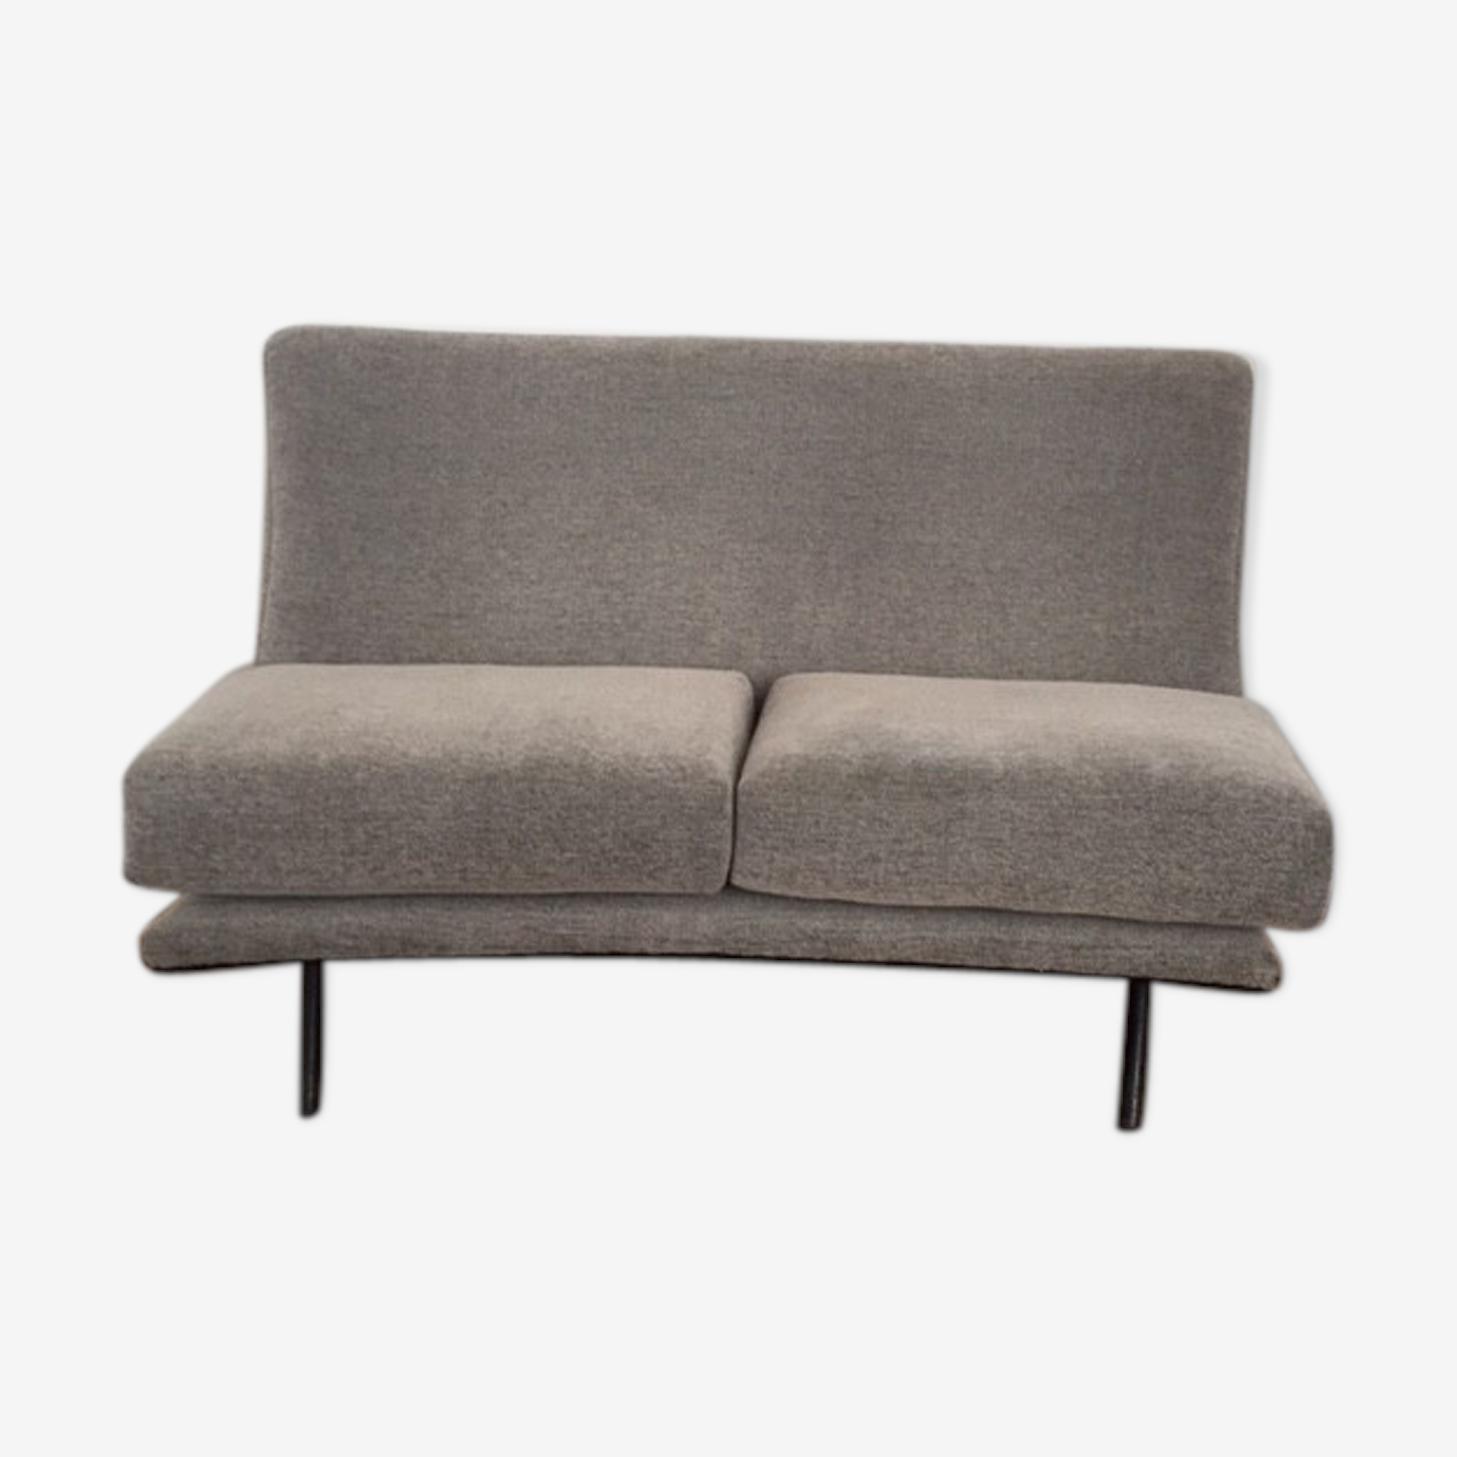 Marco Zanuso sofa